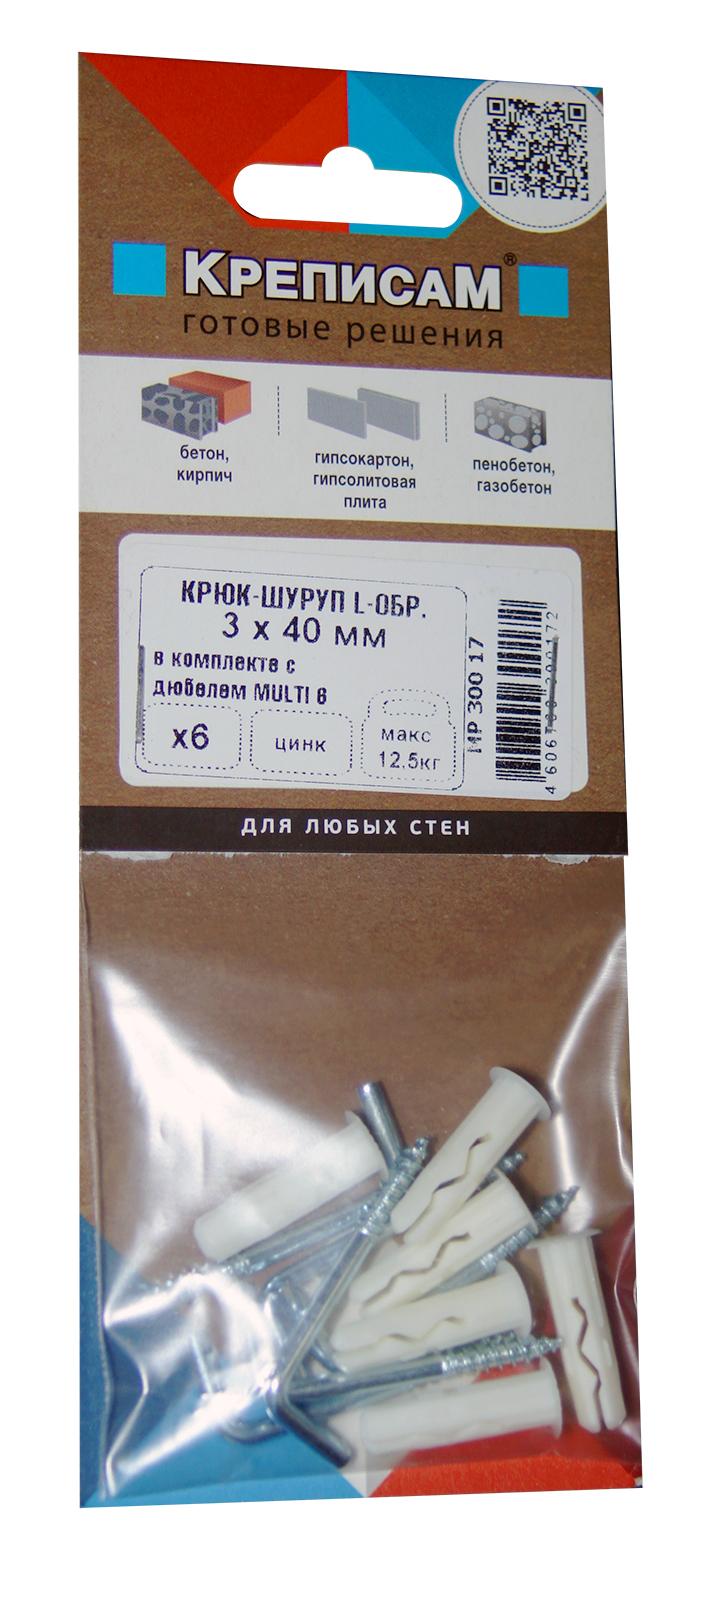 Набор КРЕПИСАМ Mp 306 17